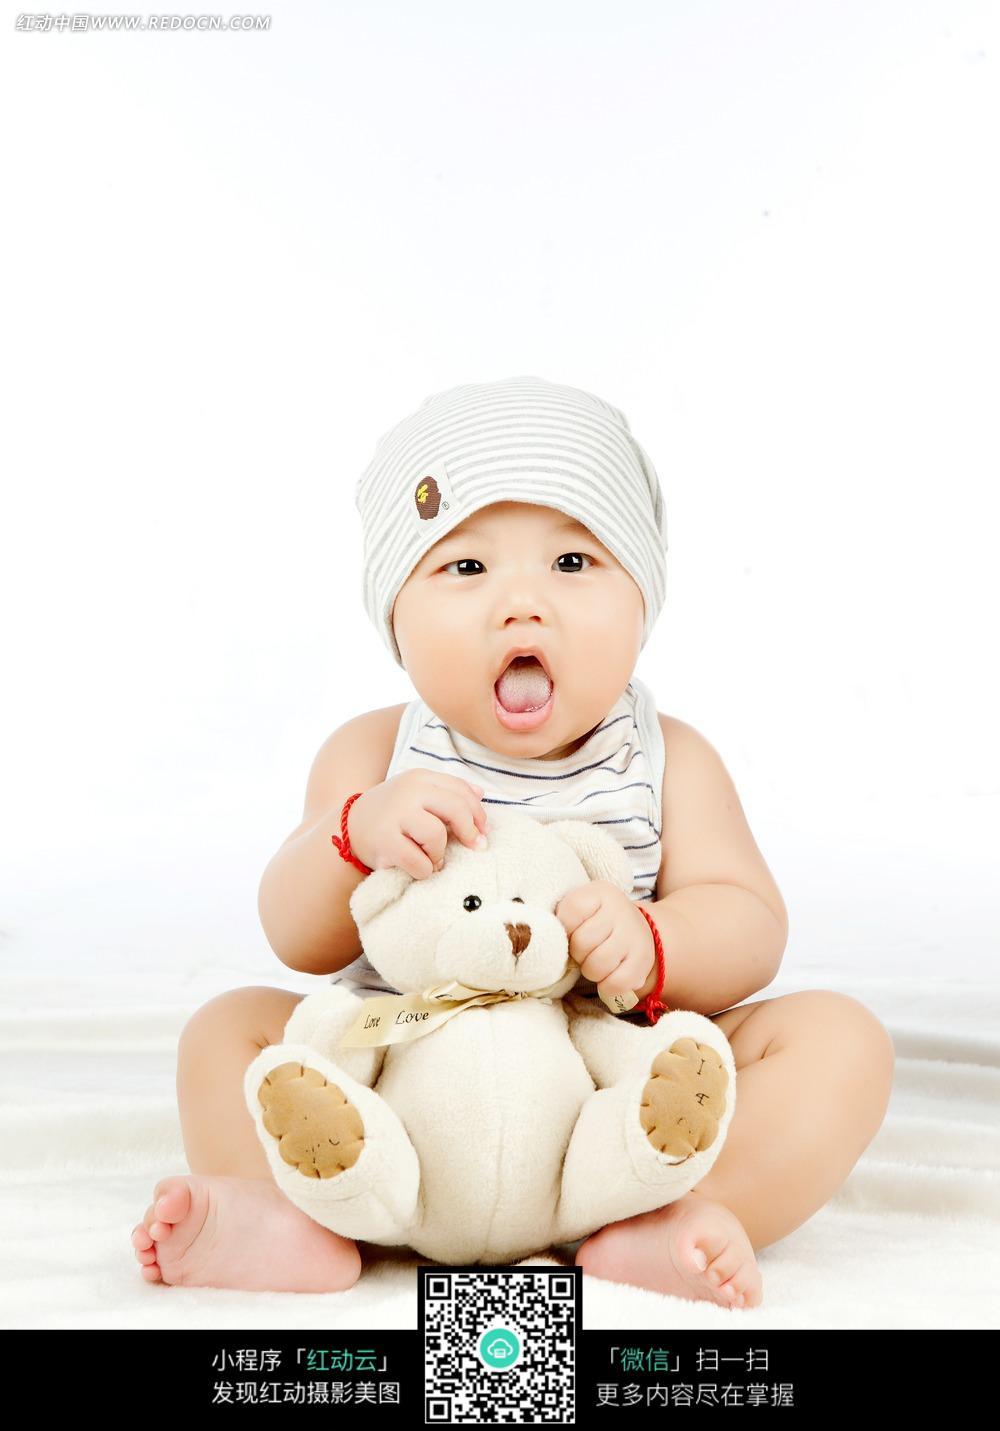 坐着抱玩具熊吐舌头的宝宝_儿童幼儿图片